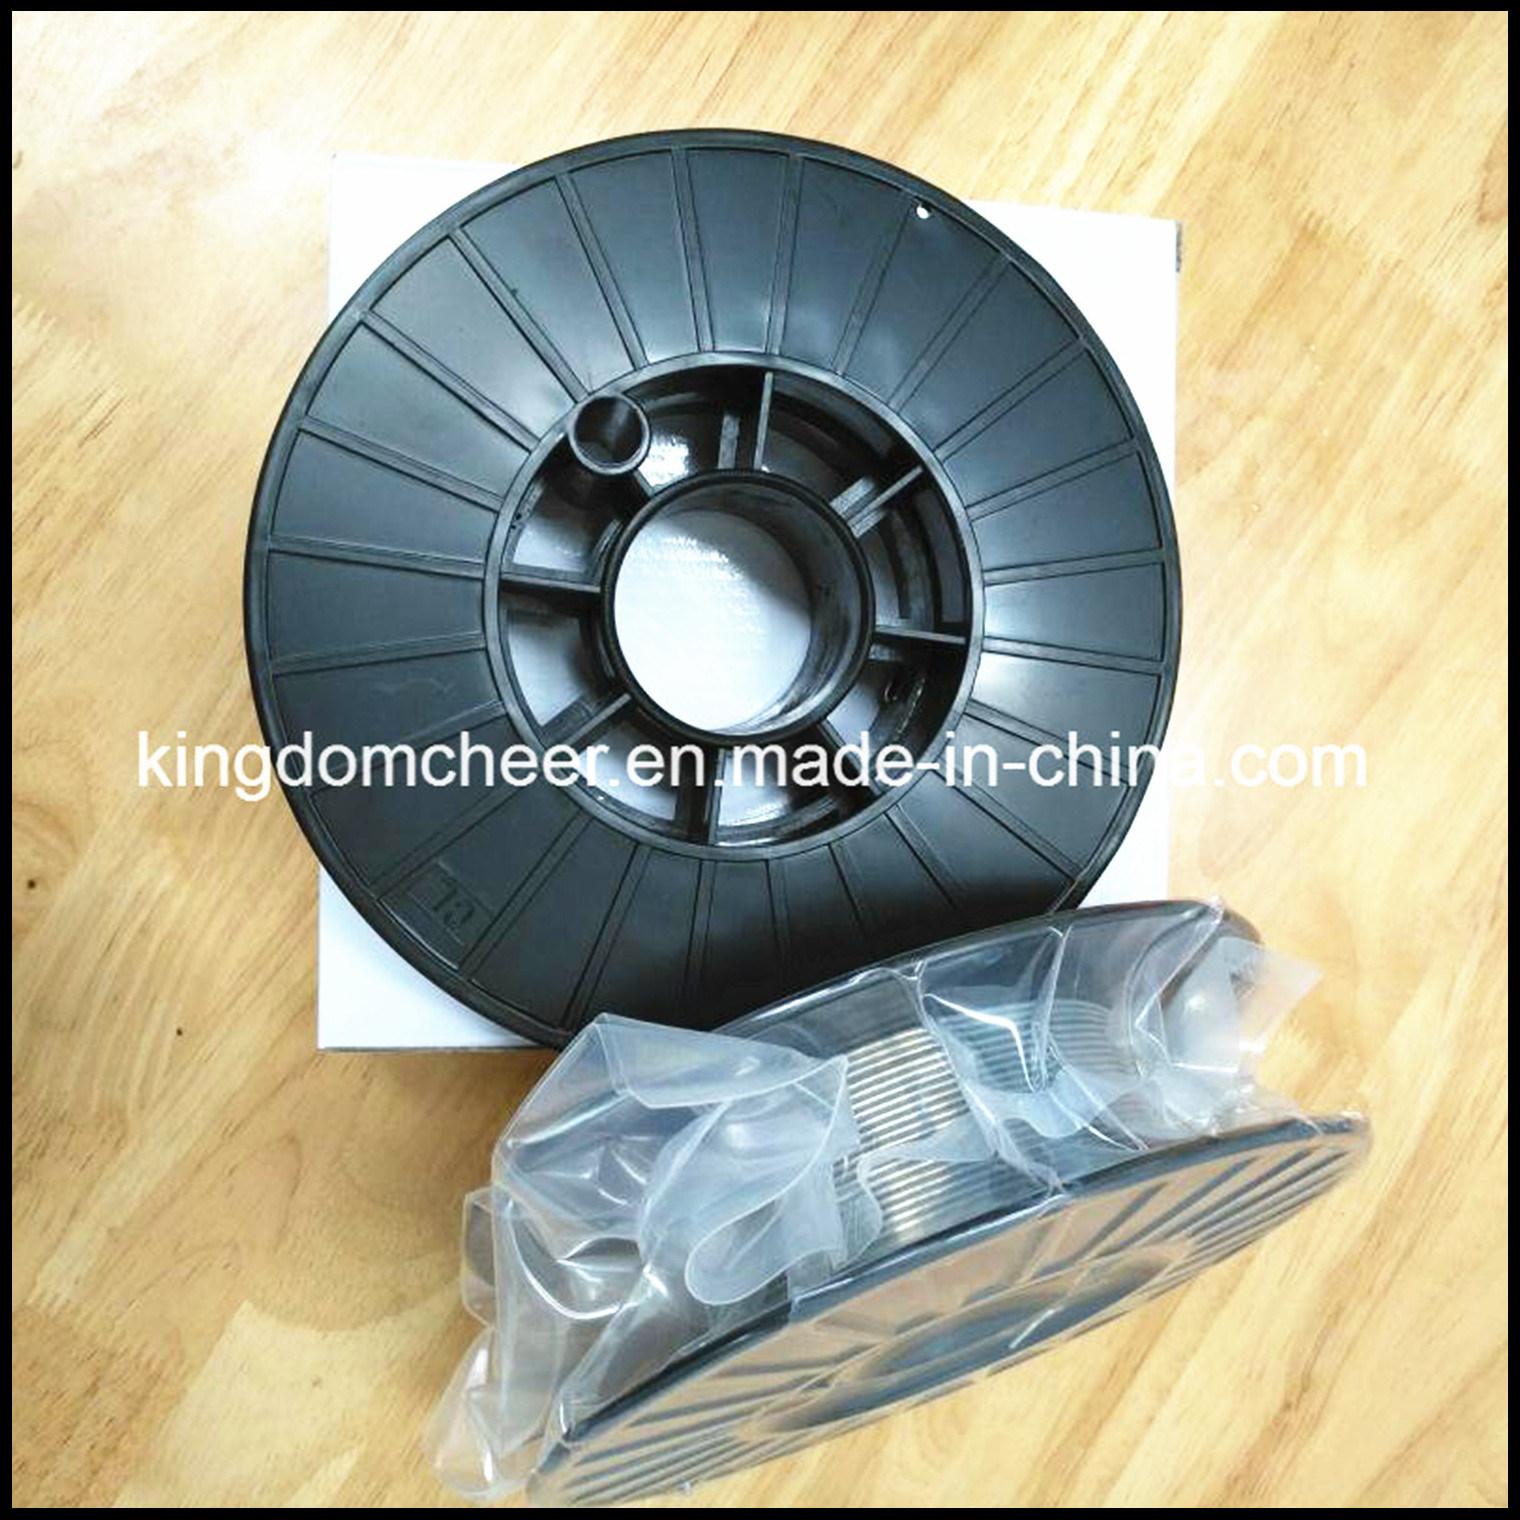 China Containing 5%Magnesium Er5356 Almg Aluminum Alloy TIG Welding ...